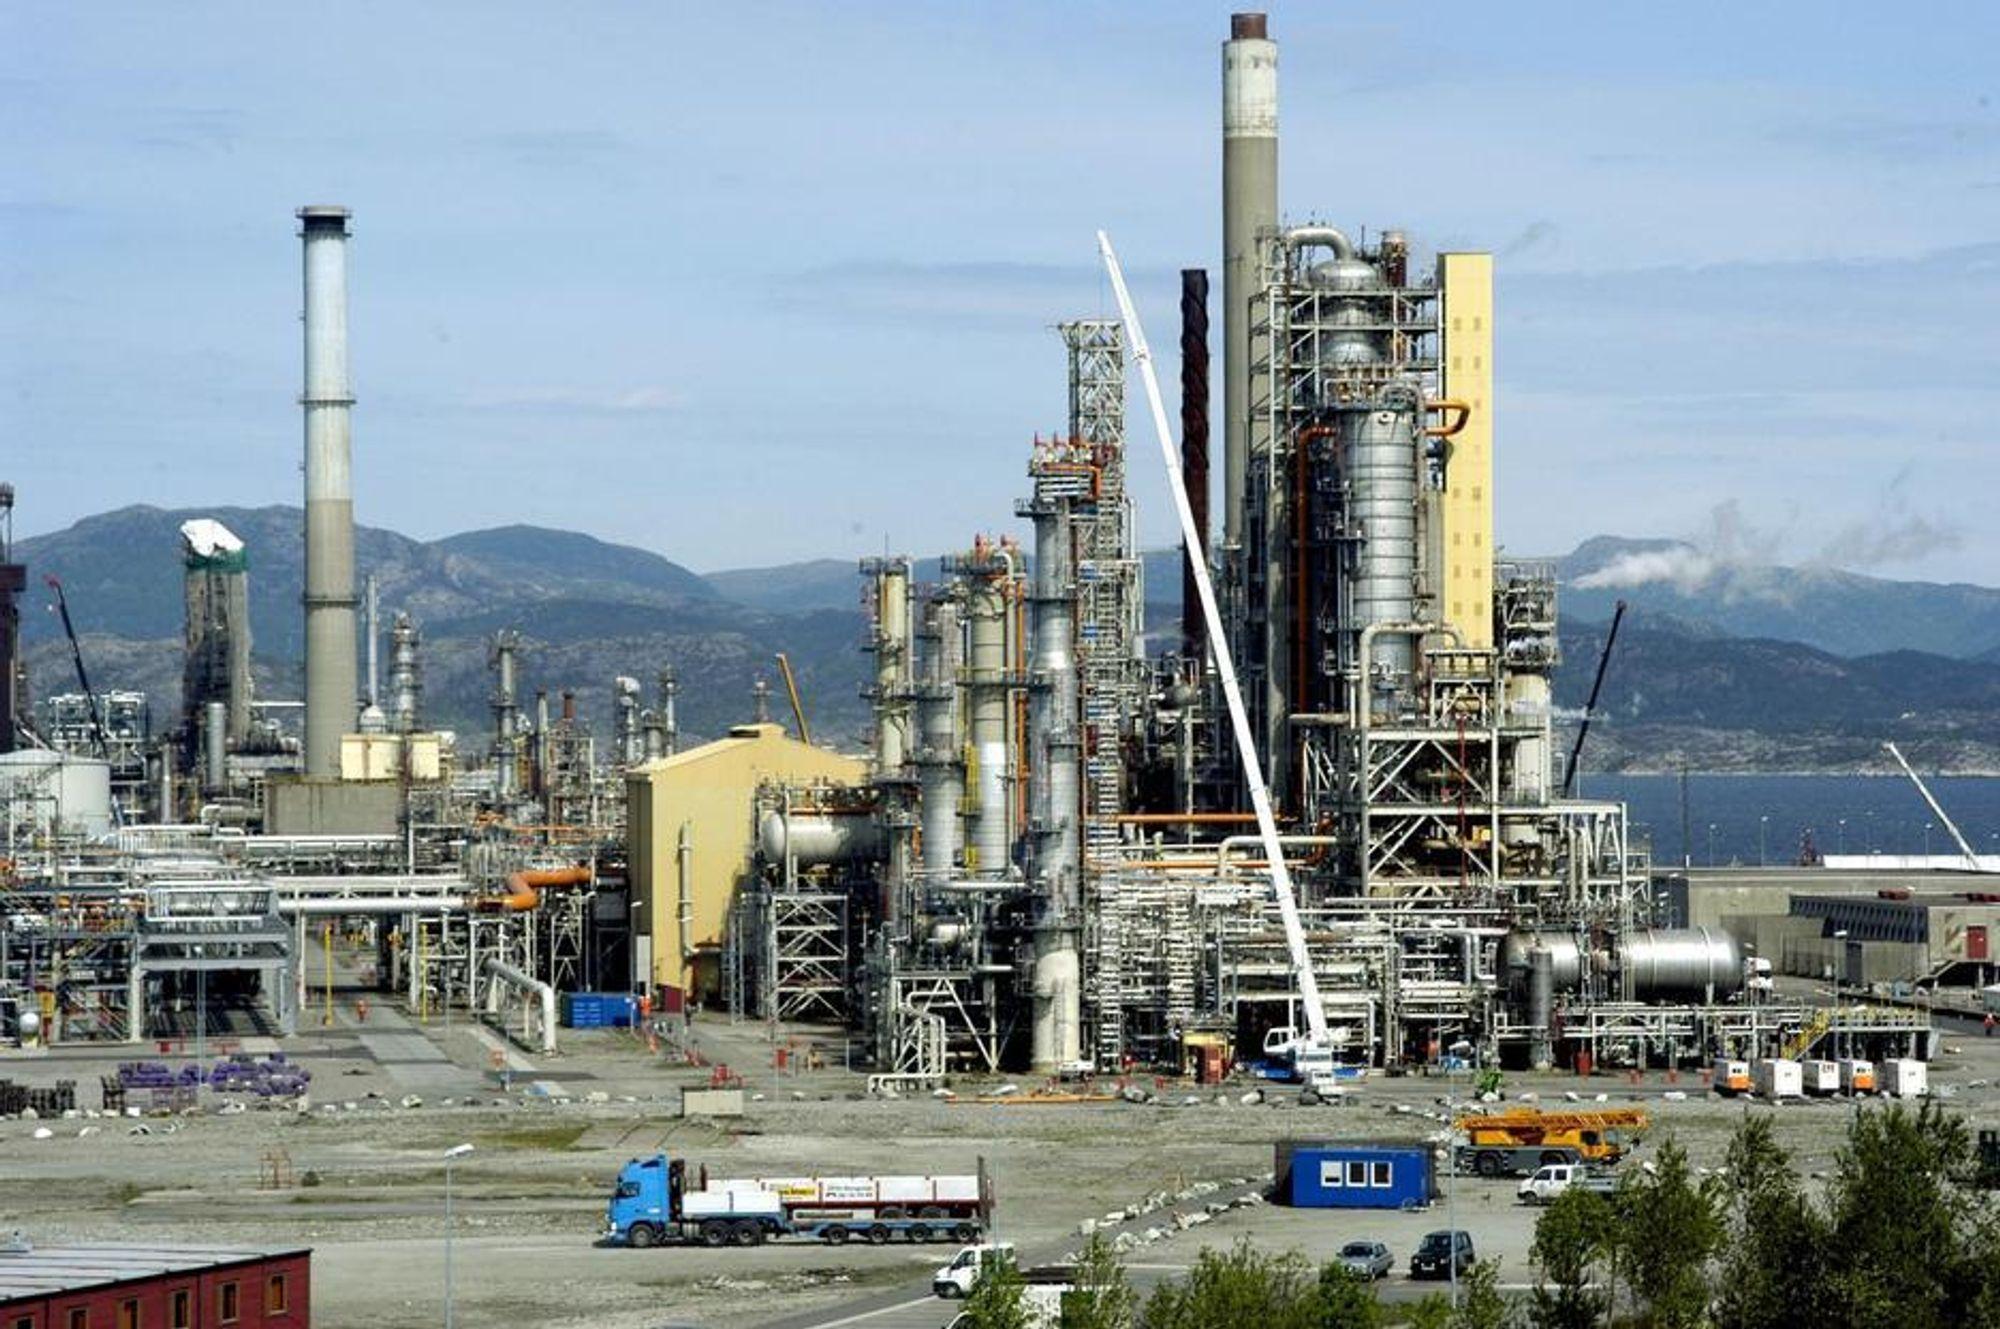 CO2-PIONER: Mongstad raffinieriet blir det første til å rense CO2. Renseprosessen er ny med bruk av nedkjølt amoniakk. Systemet leveres av Alstom. Renseanlegget blir en del av det nye European CO2 Test Center.